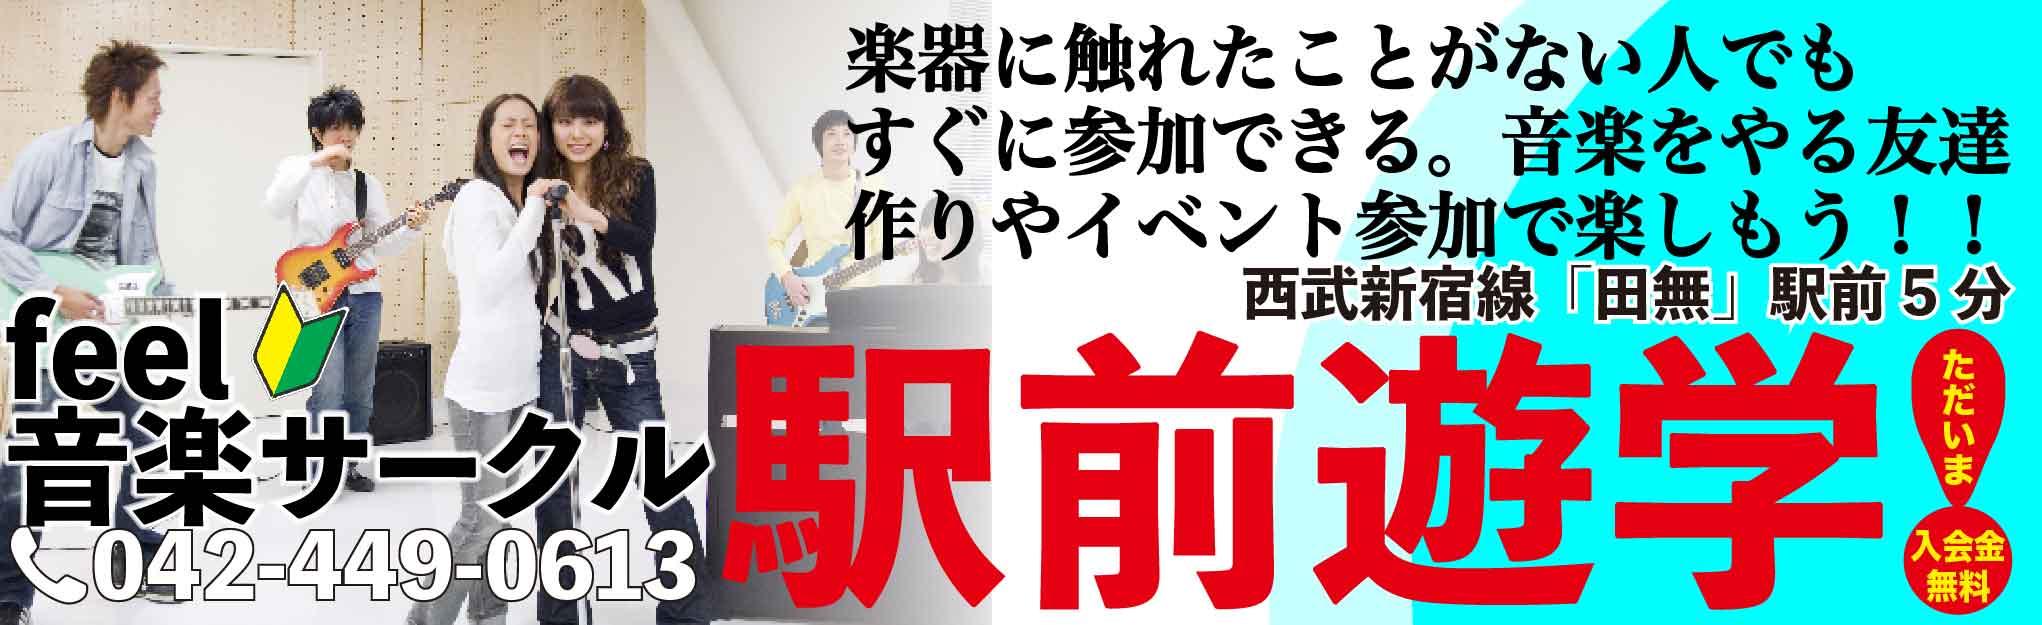 feelバンドサークル教室西東京市田無スクール